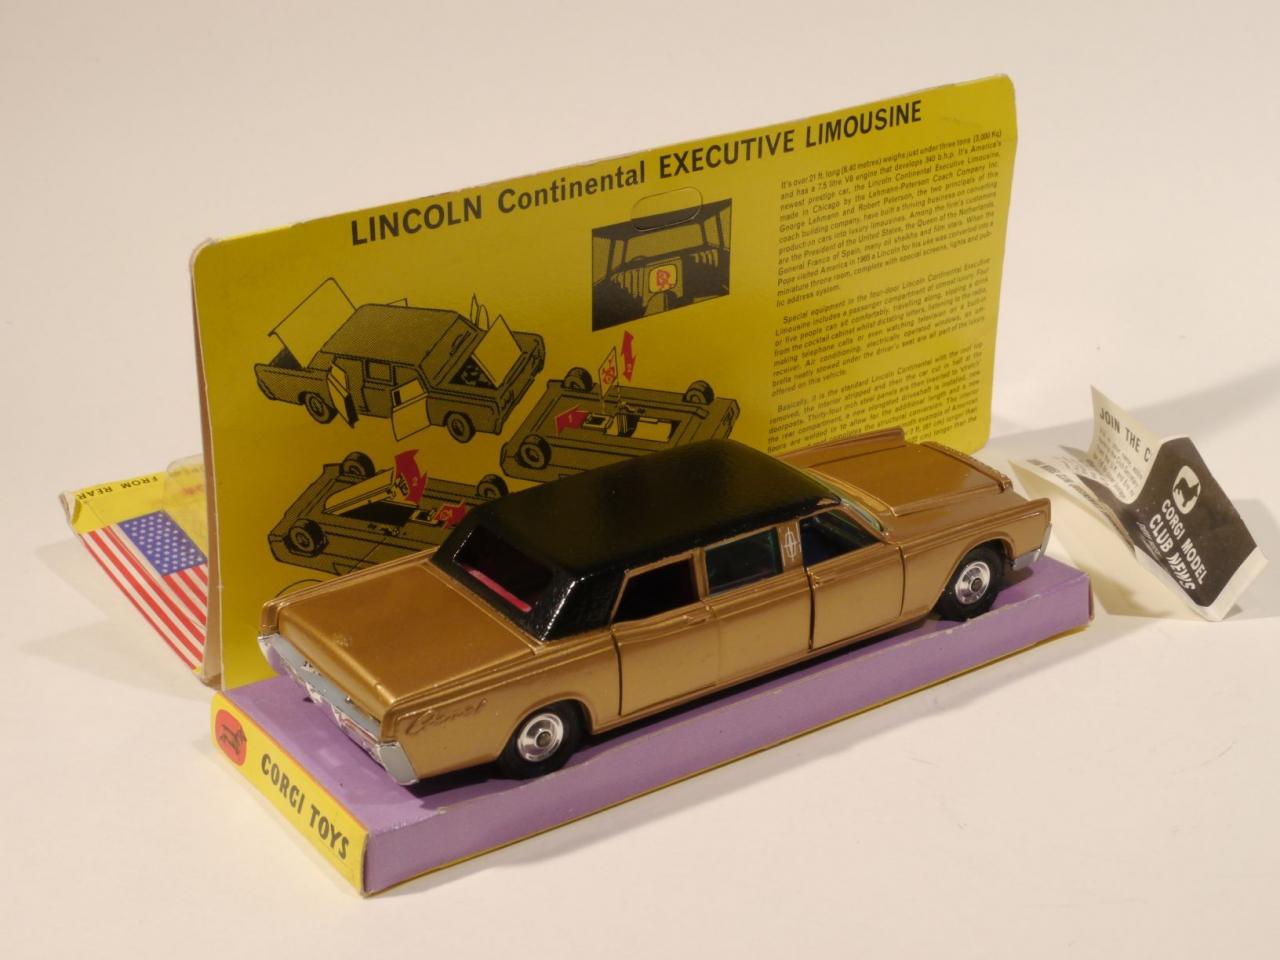 Picture Gallery for Corgi 262 Lincoln Continental